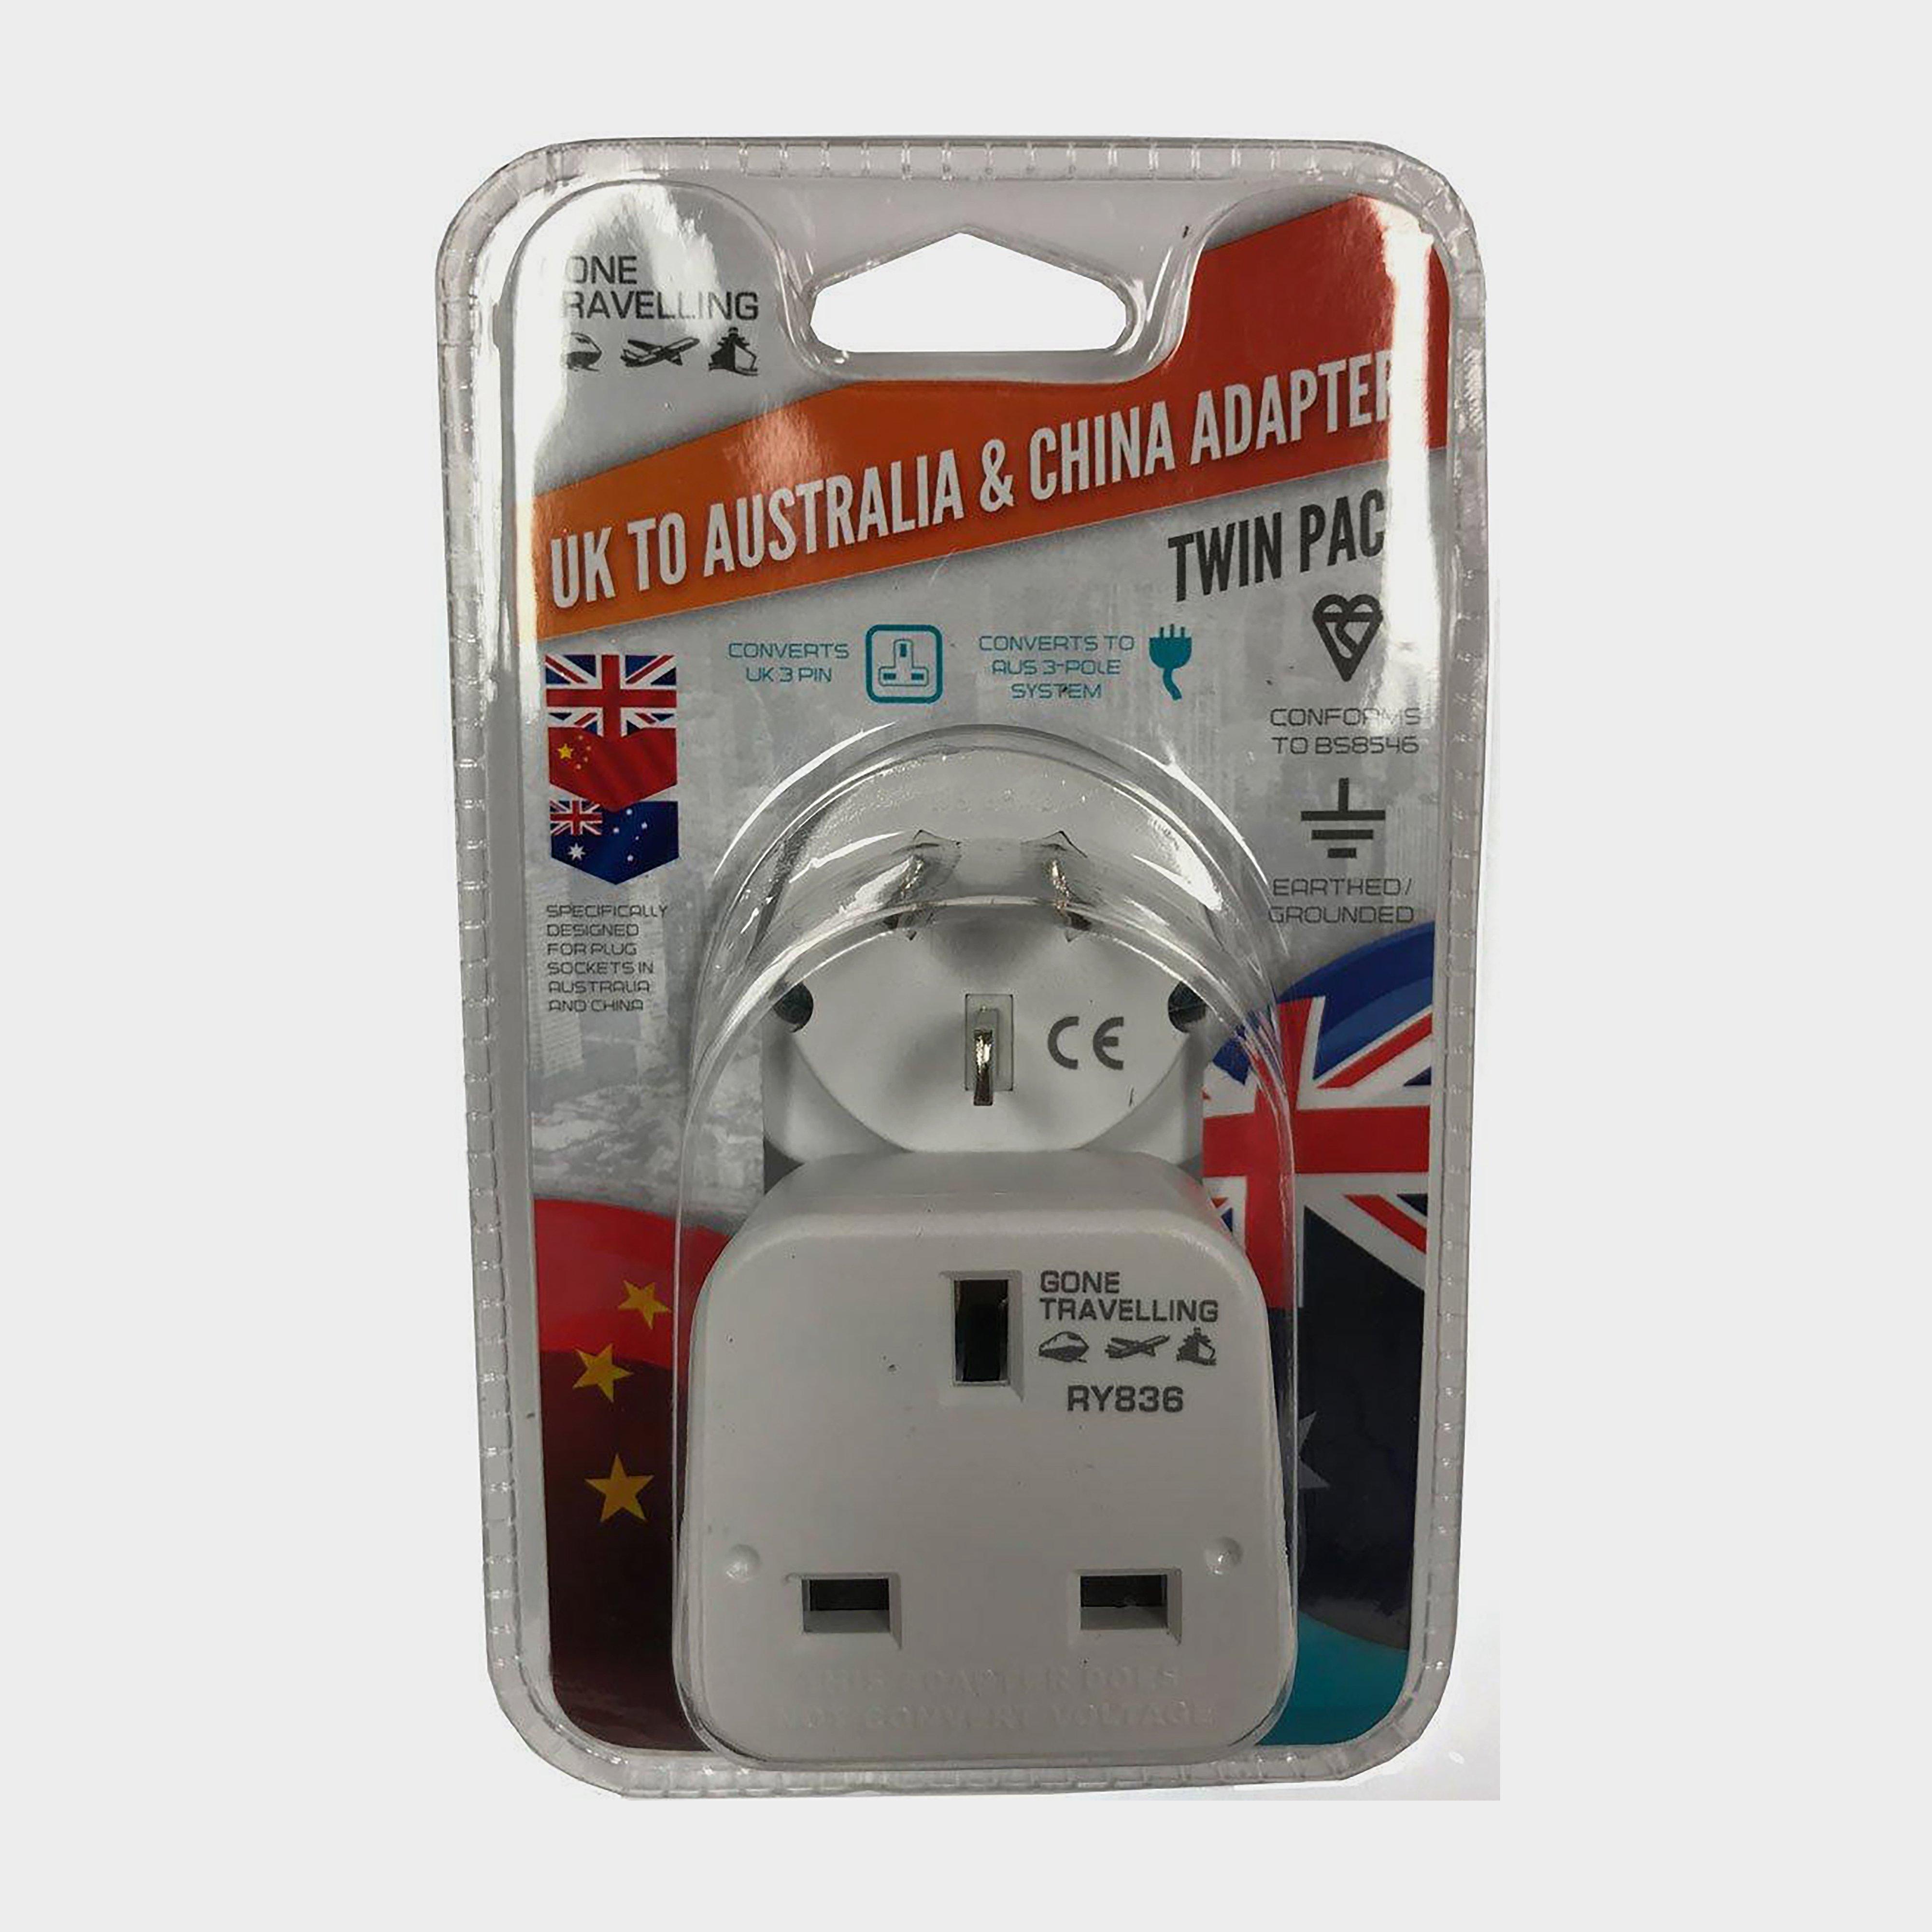 Boyz Toys 2pk Travel Adaptor - Uk To AustraliaandChina - White/austra  White/austra